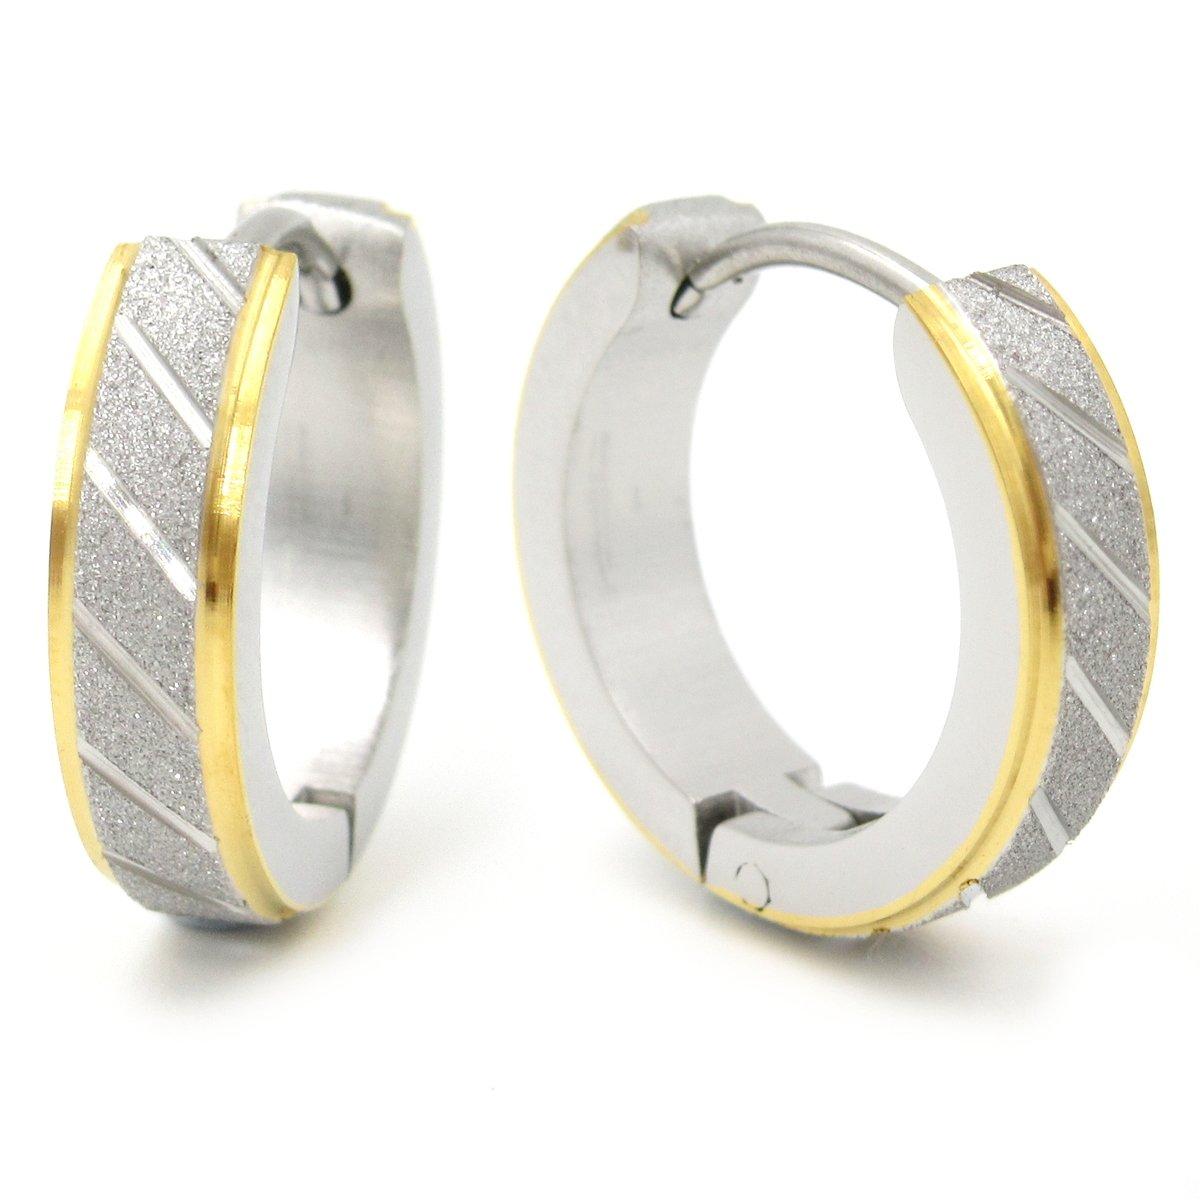 Stainless Steel Mens Hoop Earrings Stripe Bevel Edge Black Gold Color 16mm Steelmeup 28N-001